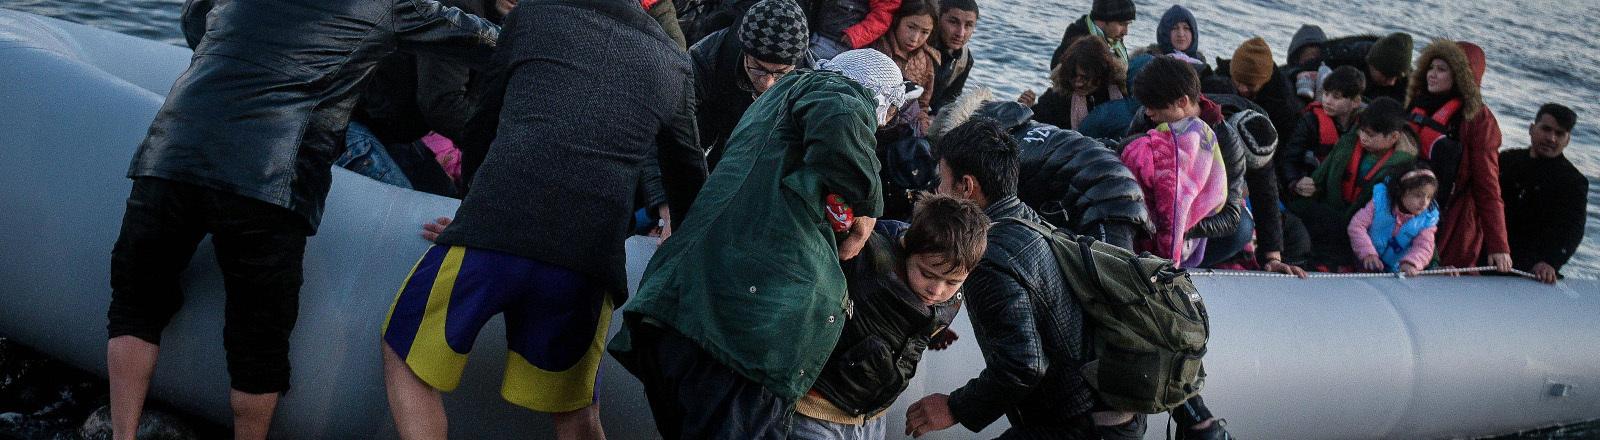 Geflüchtete kommen an der Küste von Lesbos an